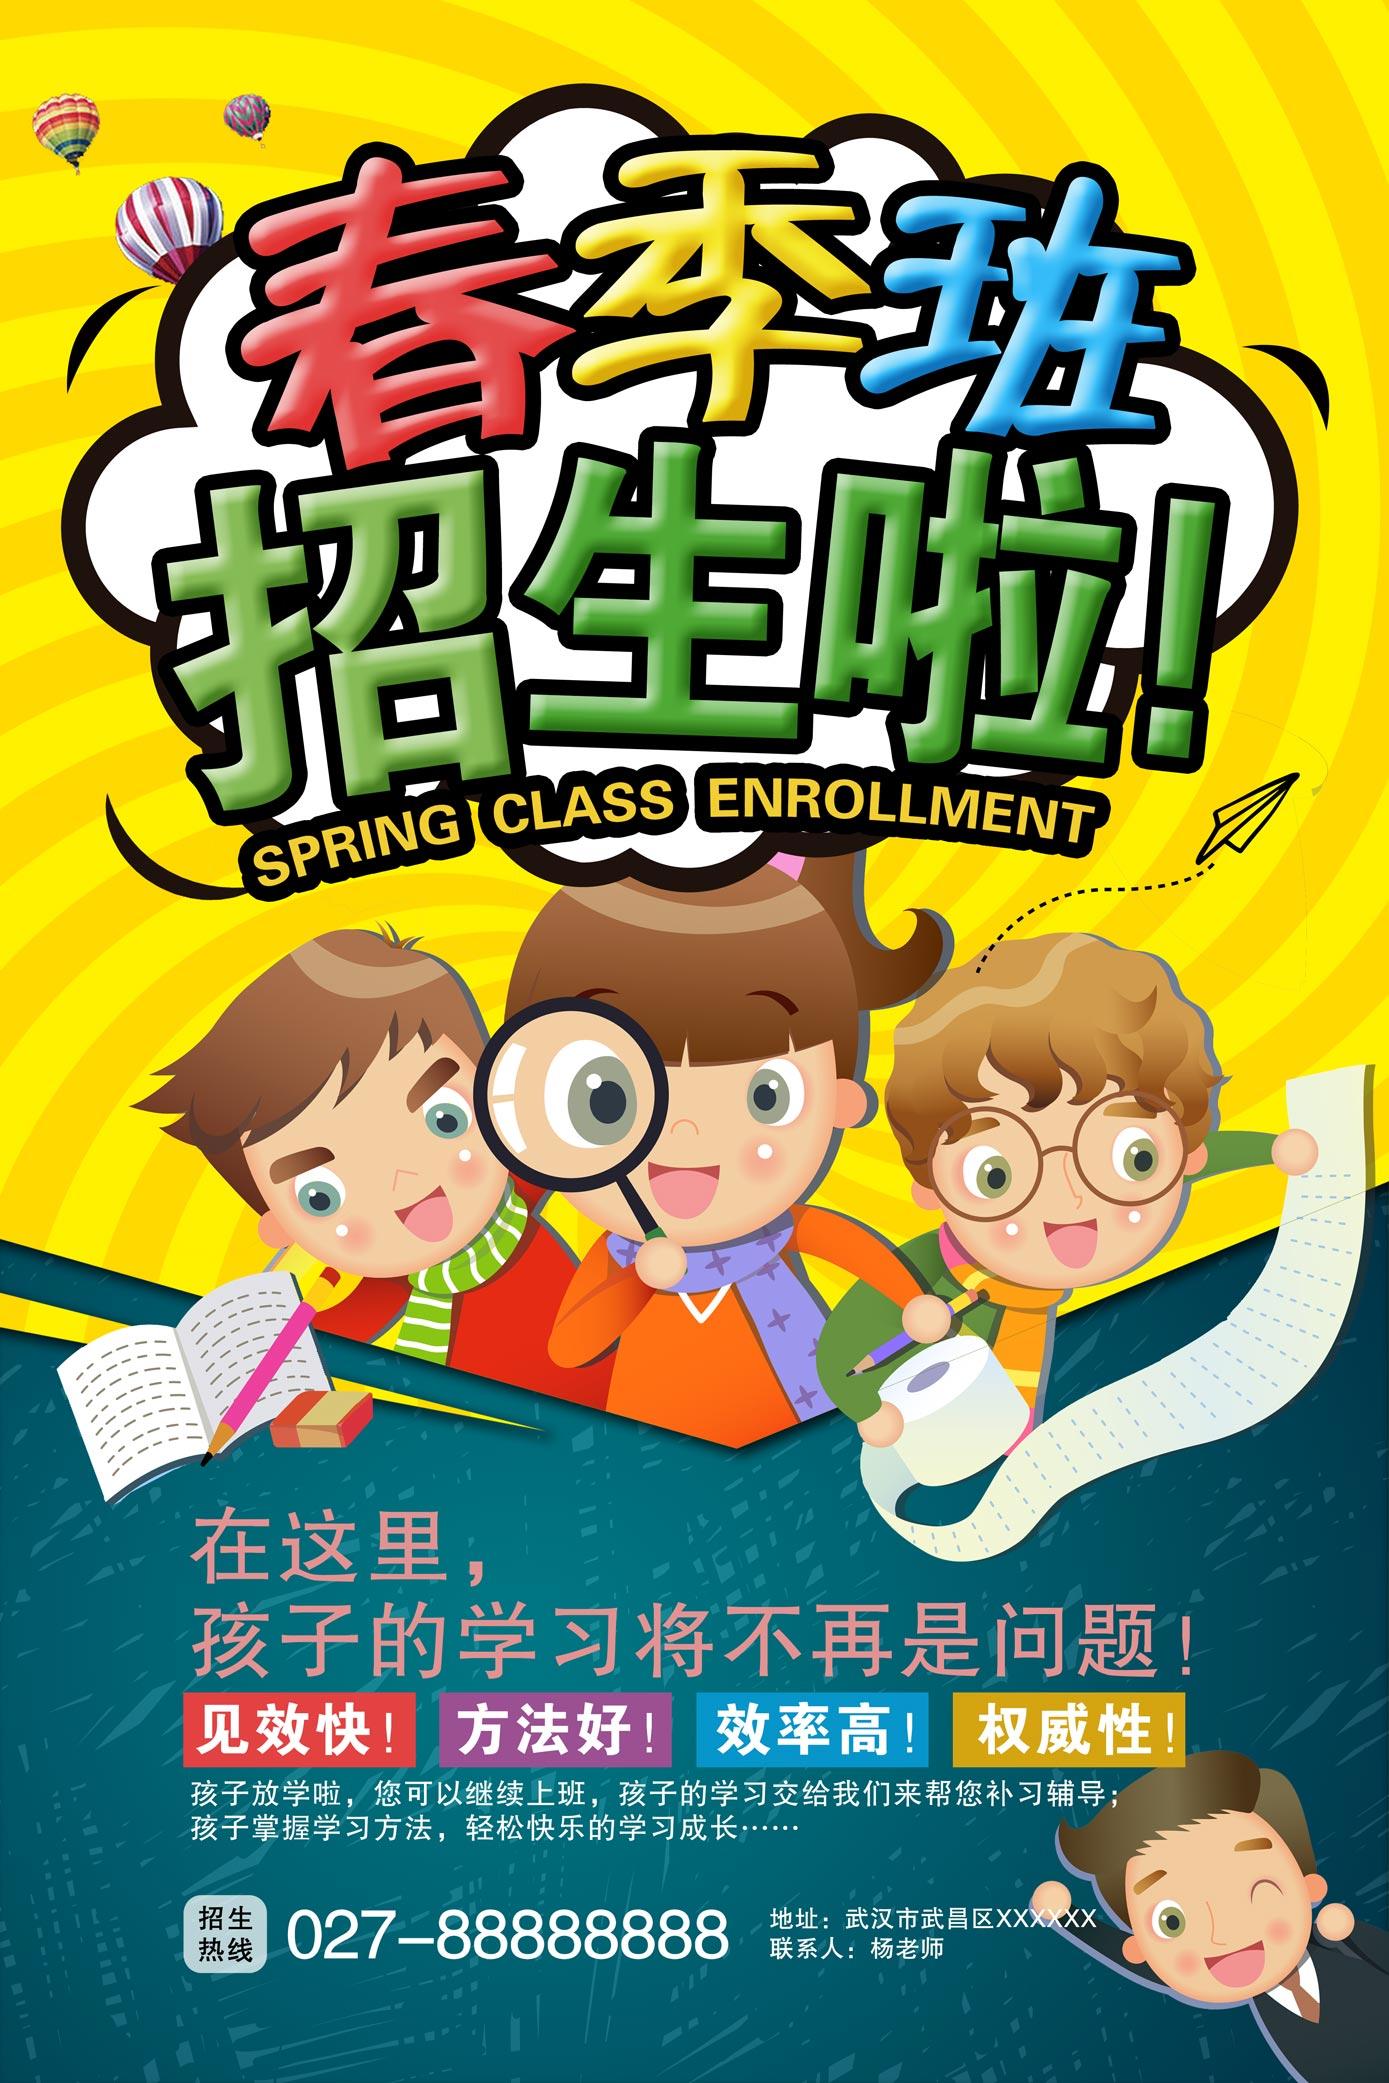 趣味的卡通幼儿园春季招生海报广告设计